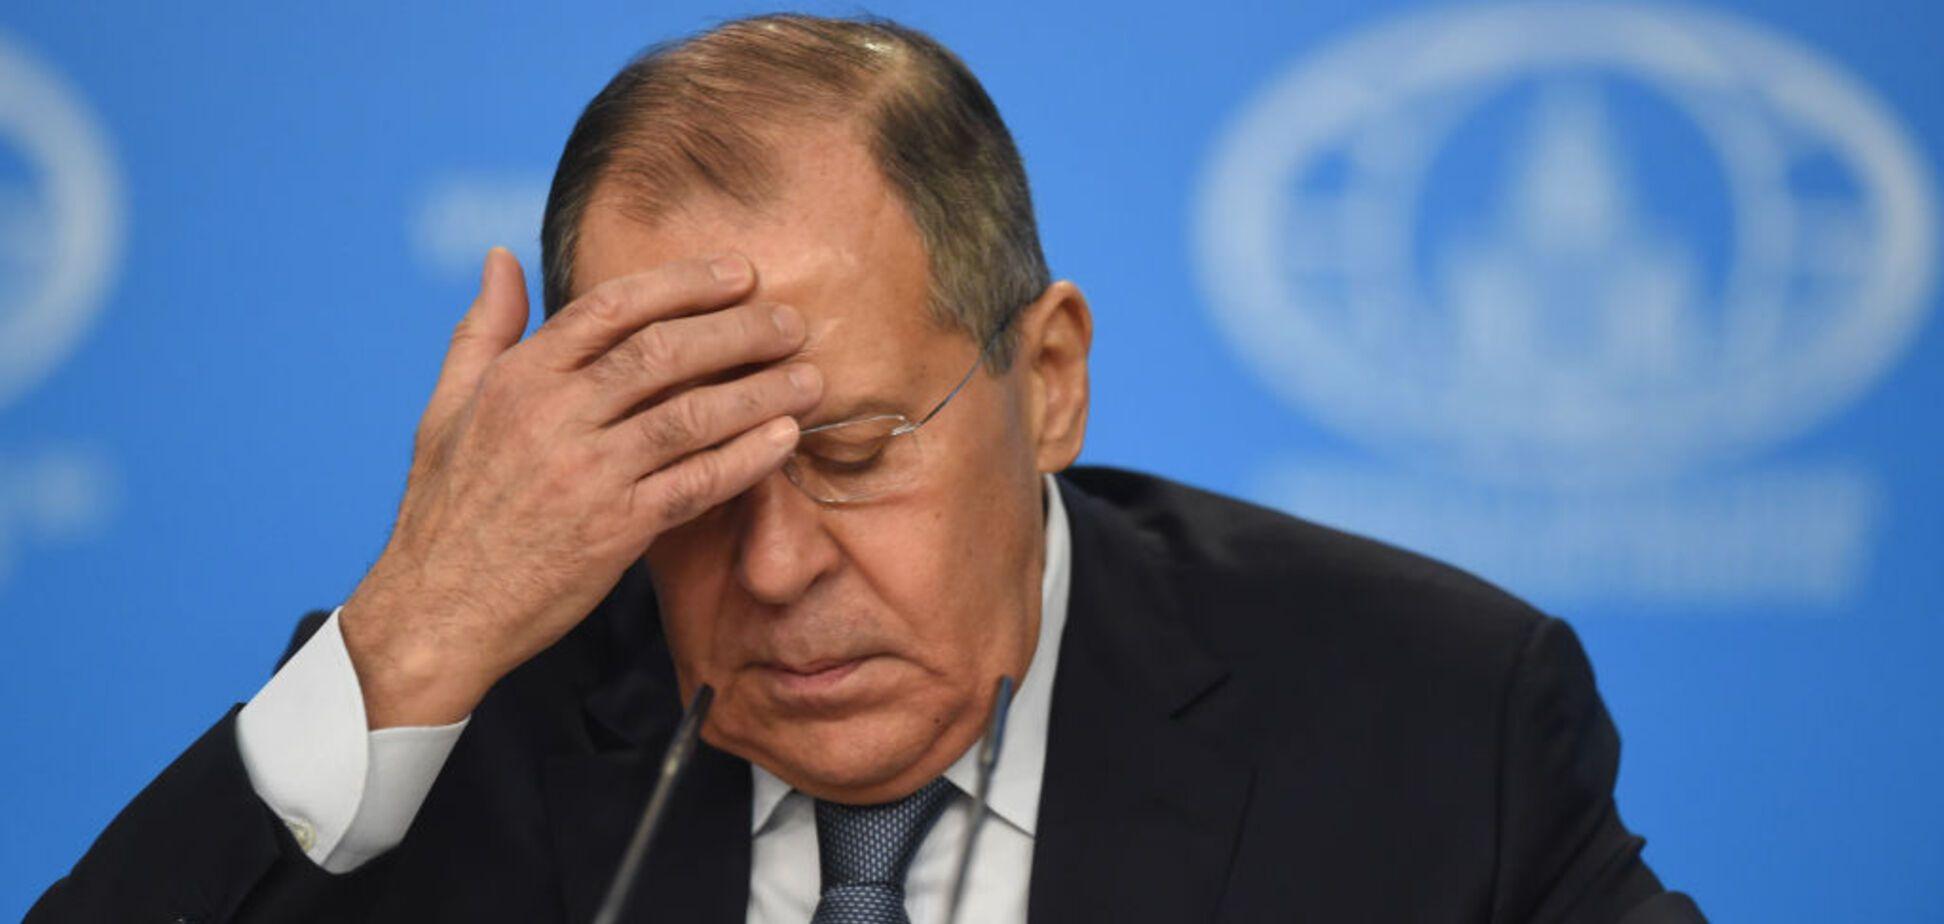 'Абсолютный абсурд': в США ответили на циничное заявление Лаврова об Украине